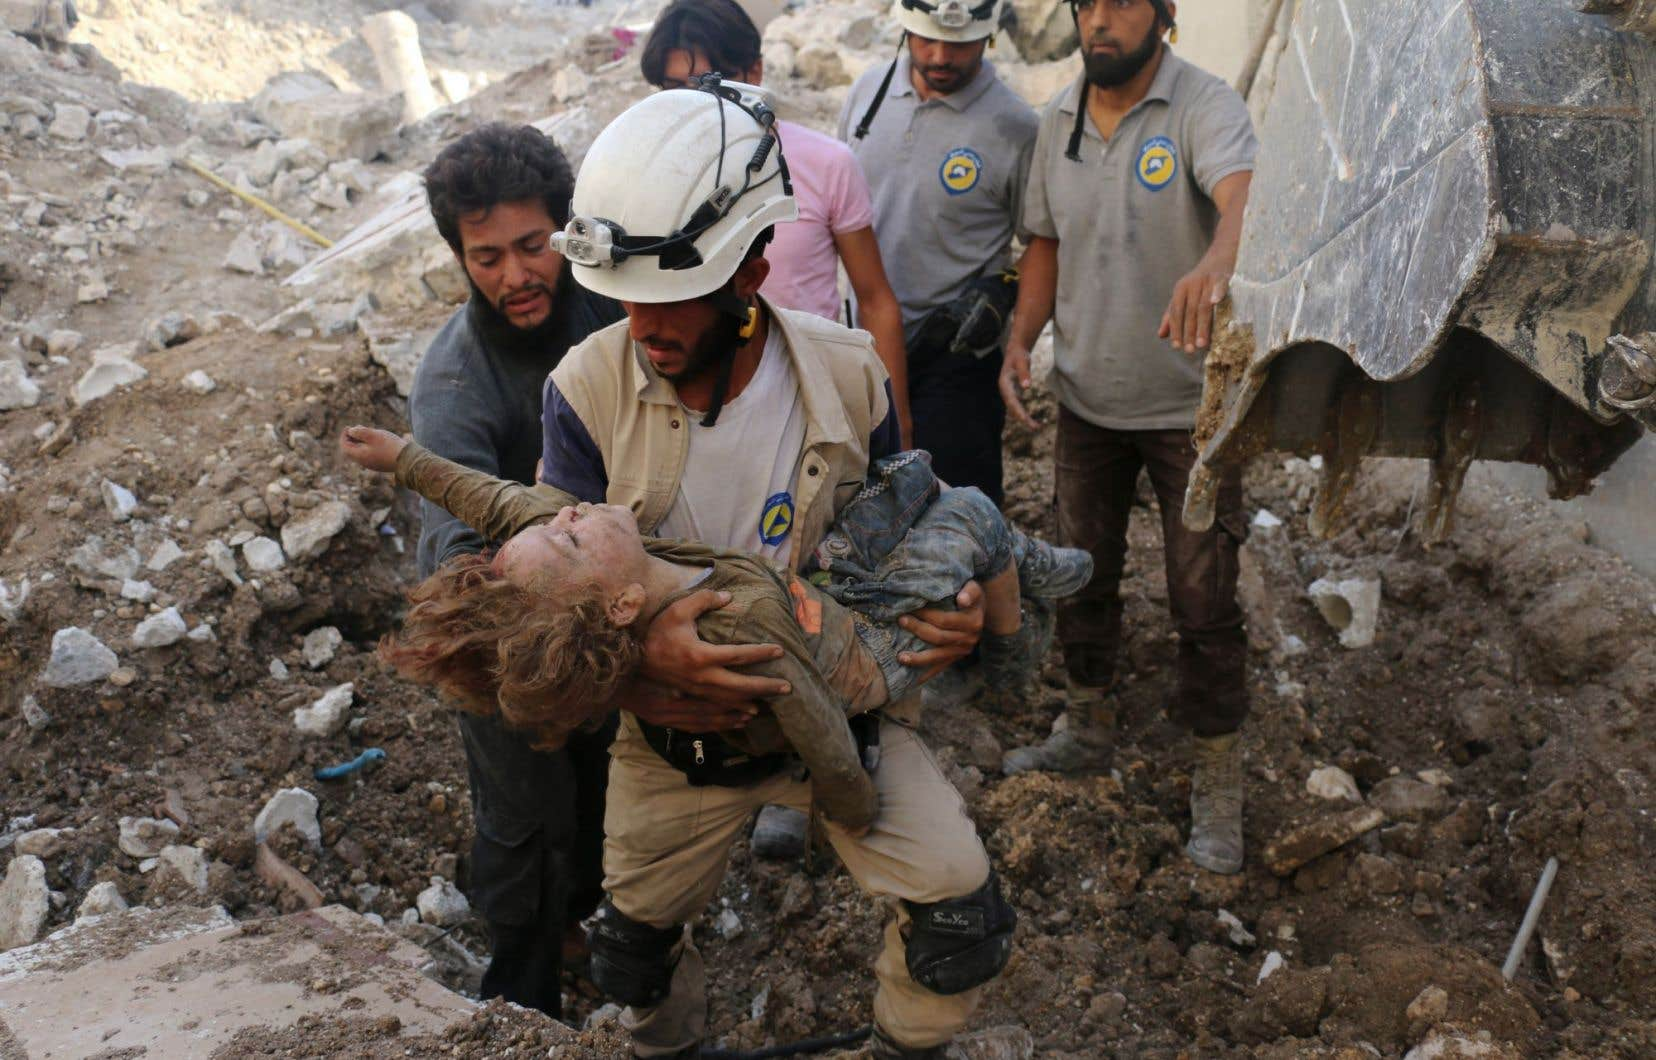 Un travailleur humanitaire porte le corps d'un jeune enfant après qu'il eut été dégagé des décombres causés par un raid aérien gouvernemental dans le quartier rebel de Karm Homad, à Alep.